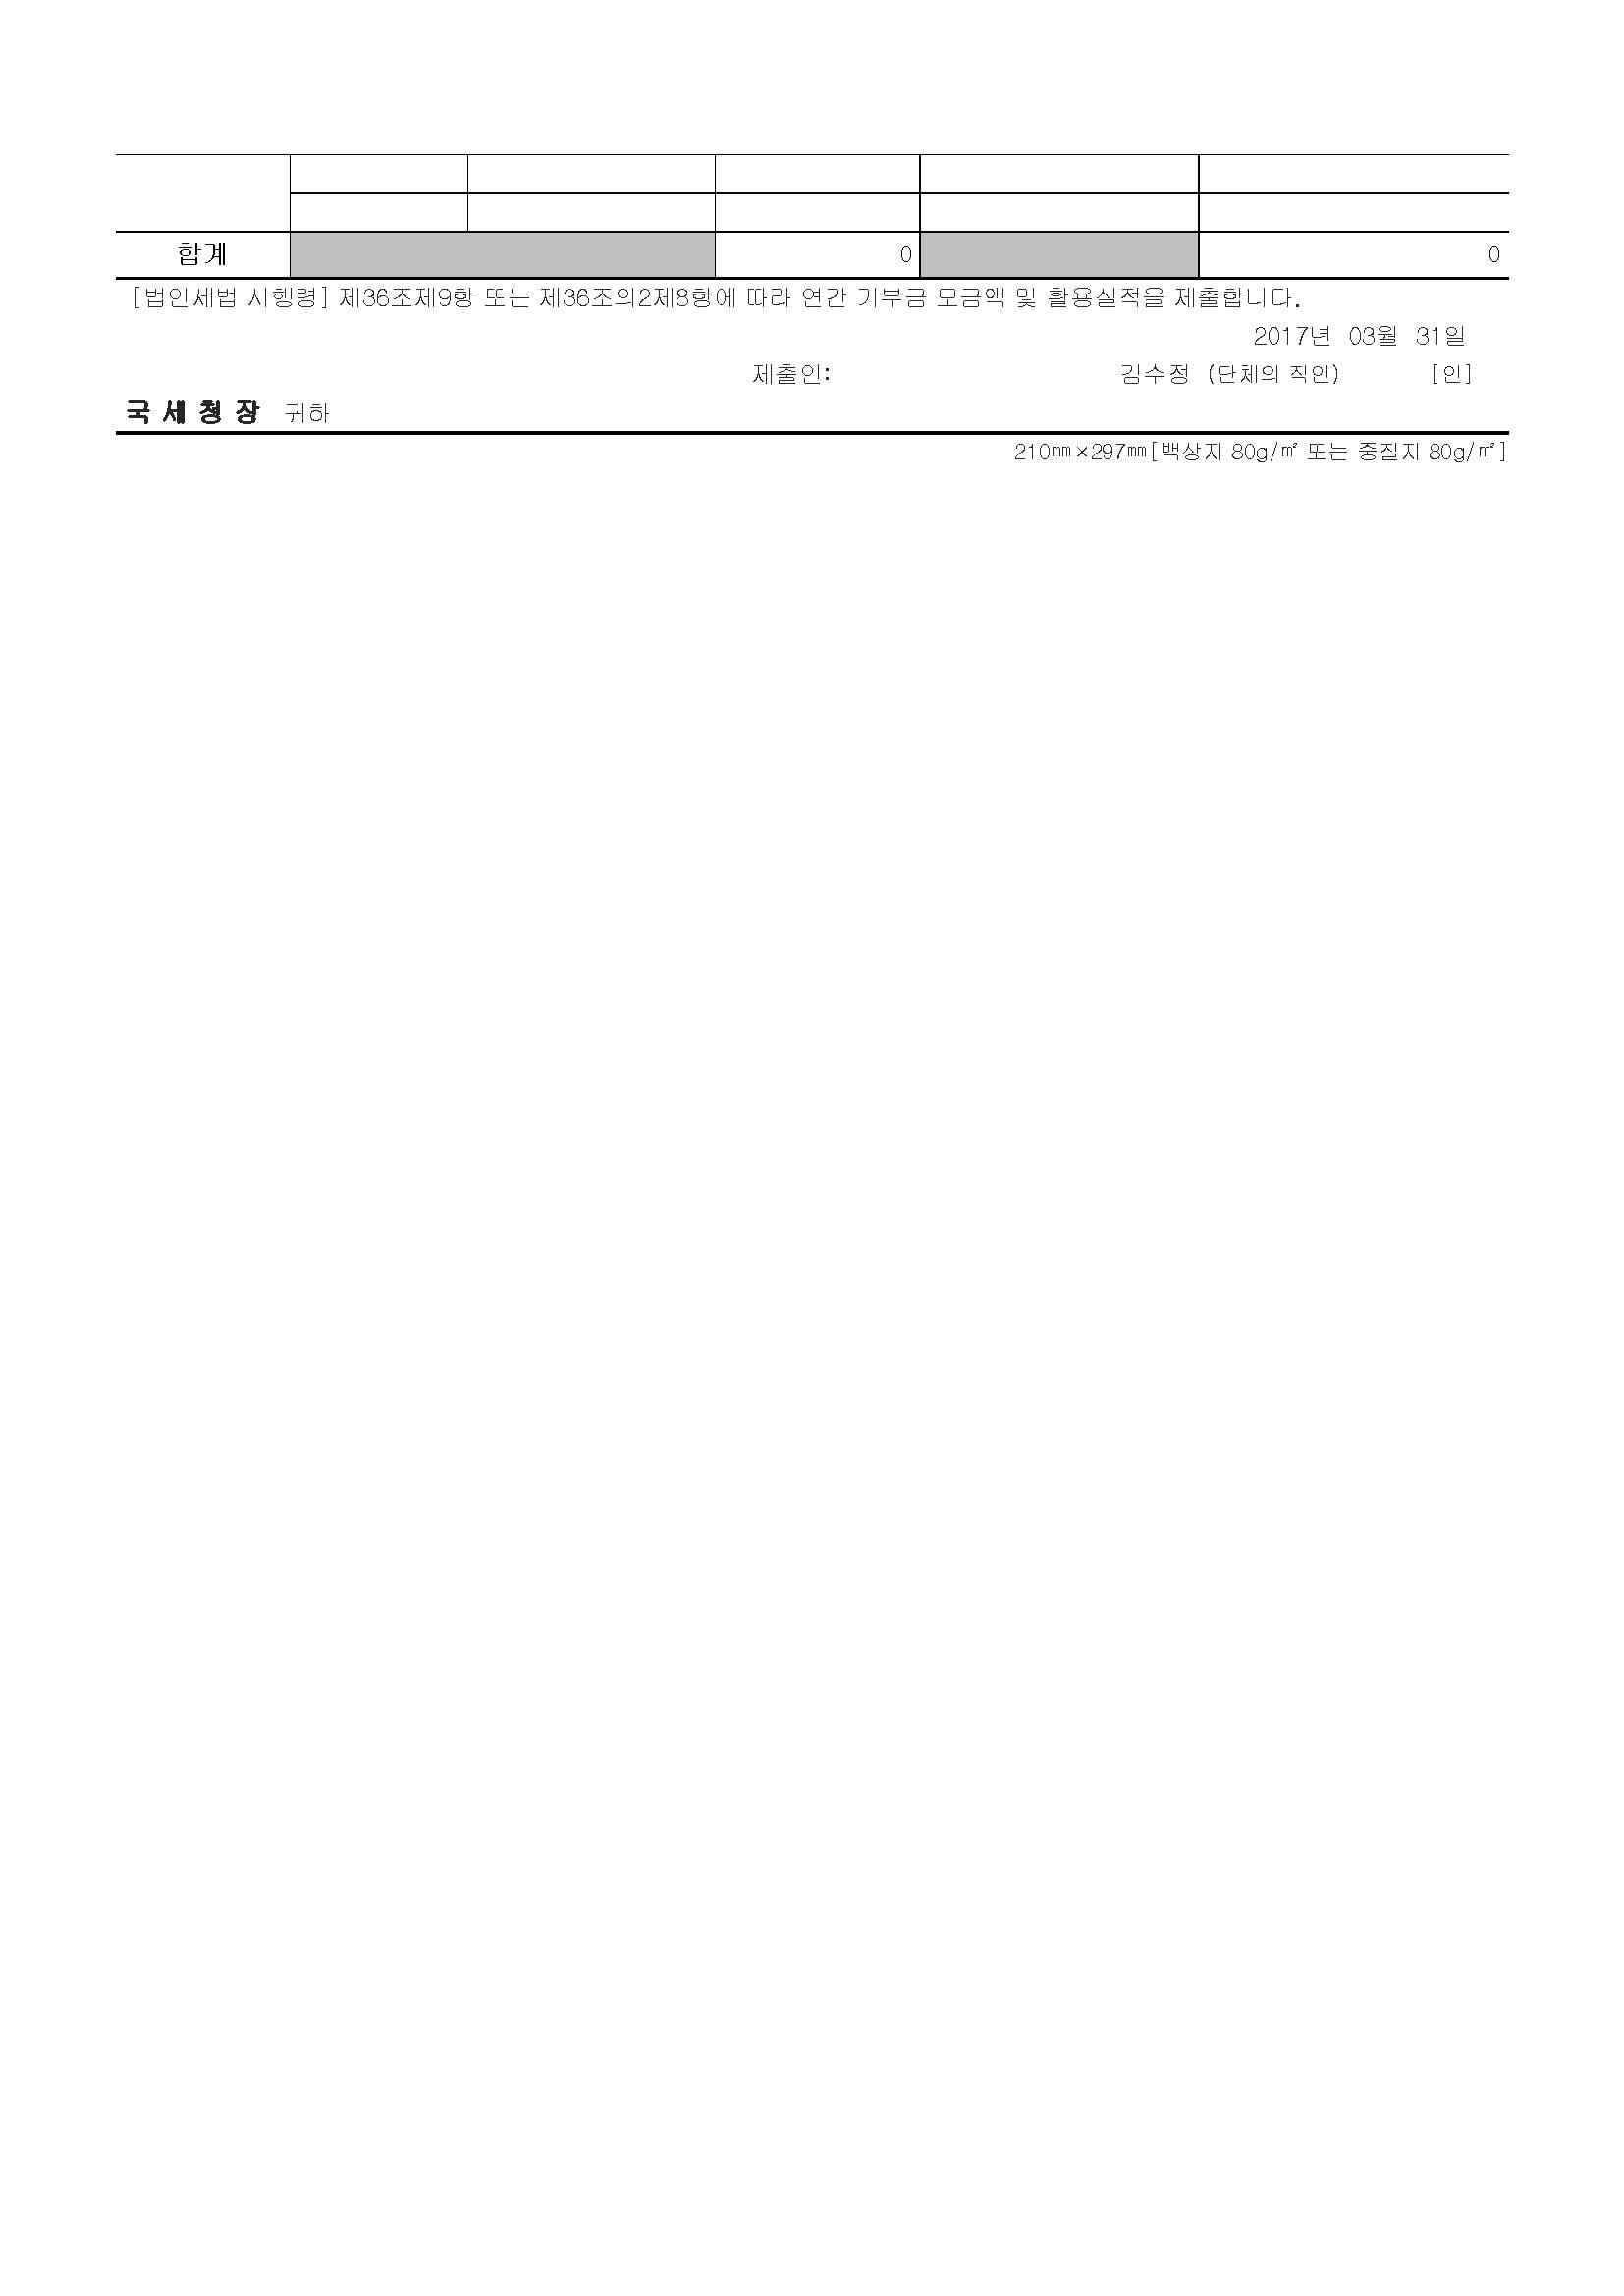 2016기부금명세서2.jpg